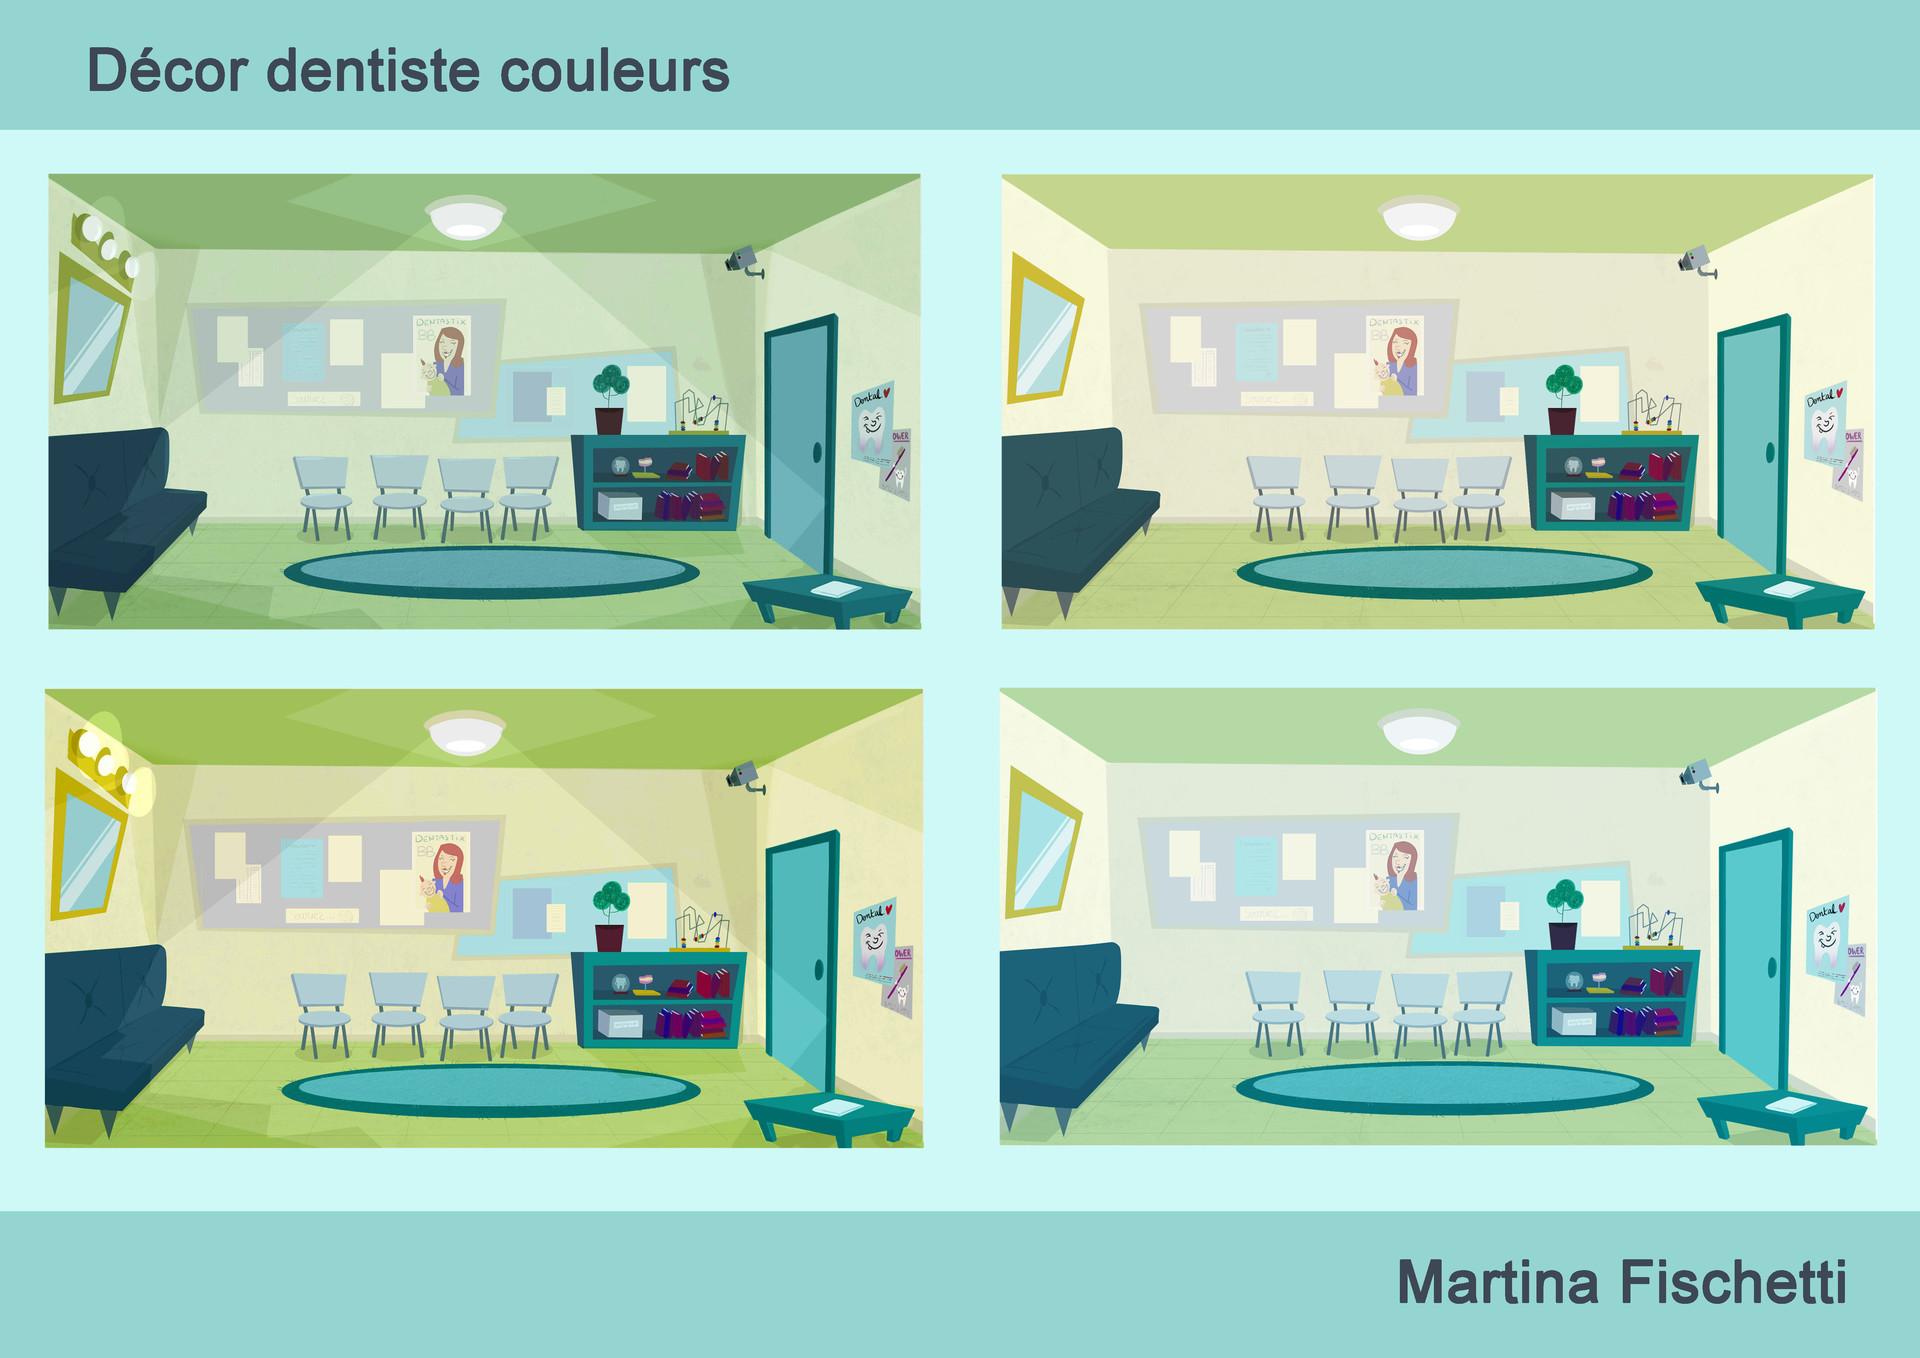 Martina fischetti martina fischetti decors dentiste